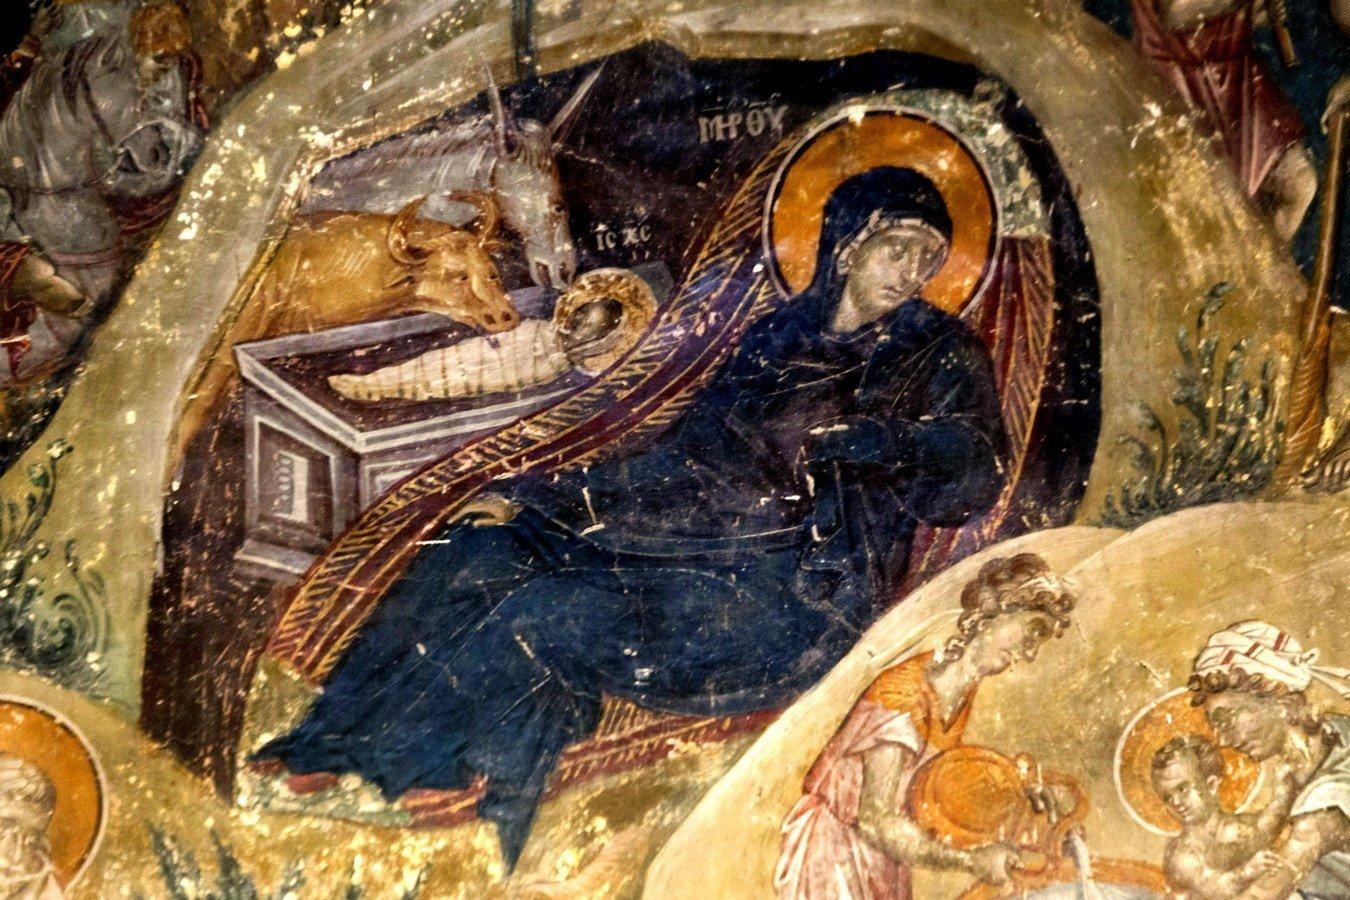 Рождество Христово. Фреска церкви Святого Николая Орфаноса в Салониках, Греция. 1310 - 1315 годы. Фрагмент.